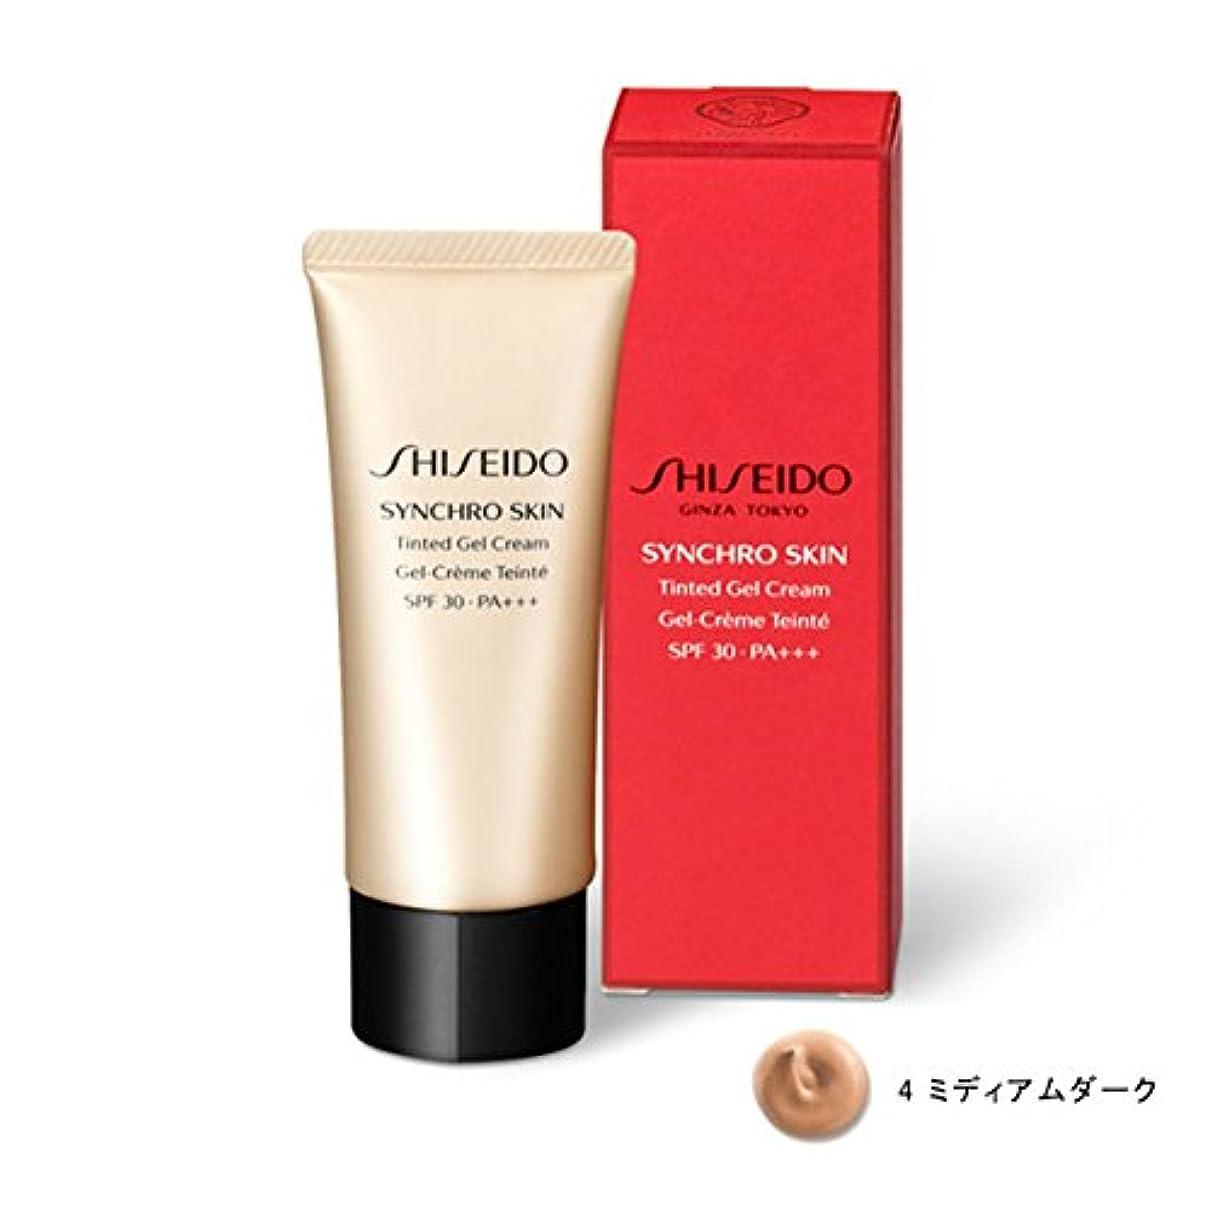 盟主迅速逃れるSHISEIDO Makeup(資生堂 メーキャップ) SHISEIDO(資生堂) シンクロスキン ティンティッド ジェルクリーム (4 ミディアムダーク)